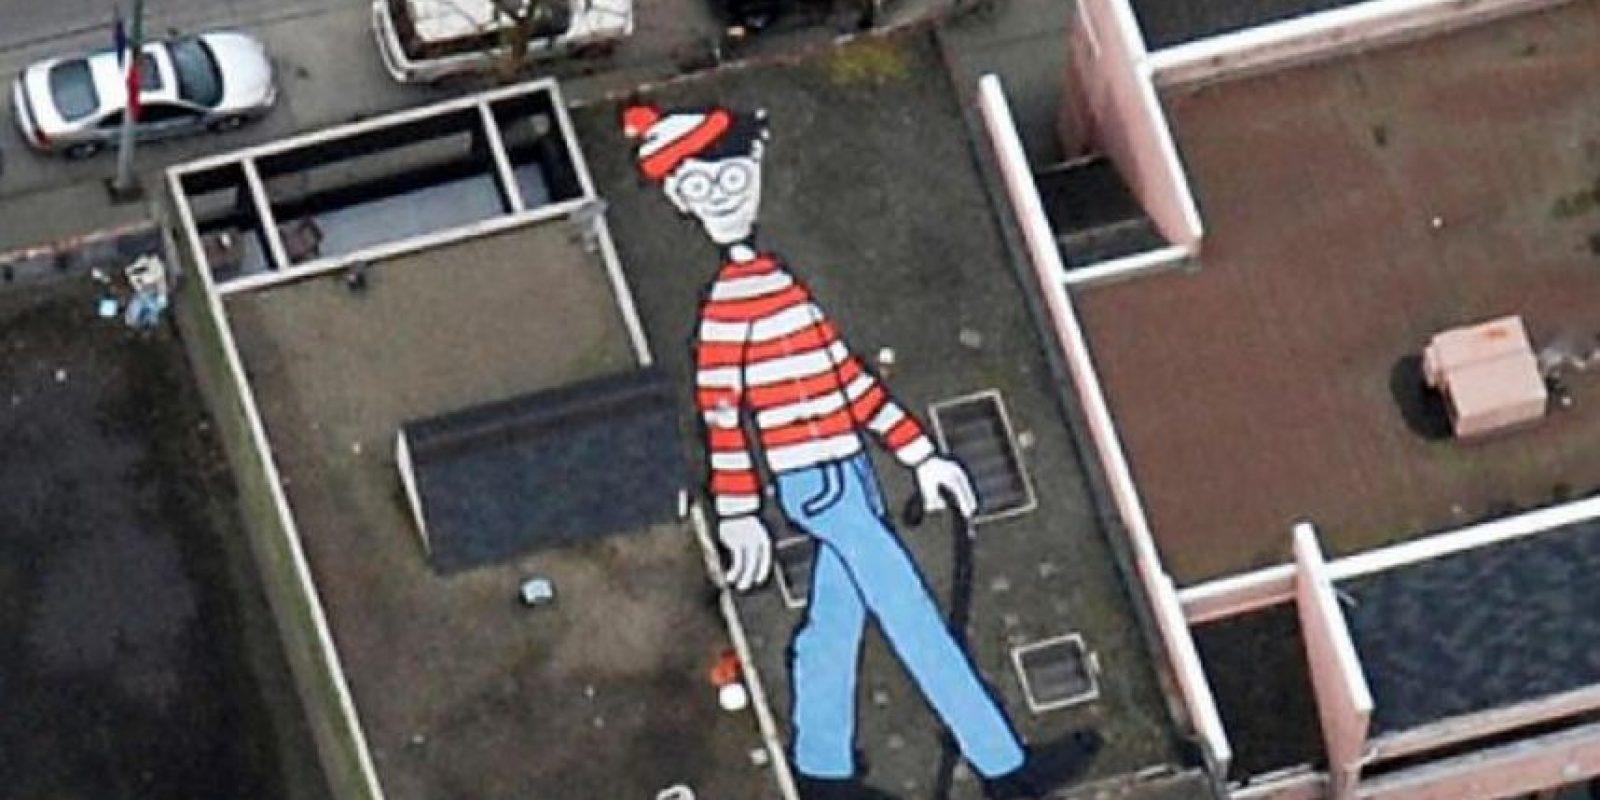 """Wally, el famoso personaje de la caricatura """"Y ¿Dónde está Wally?"""" se encuentra pintado en la azotea de una casa de Vancouver en Canadá. Es una obra de la artista canadiense Melanie Coles Foto:Google"""